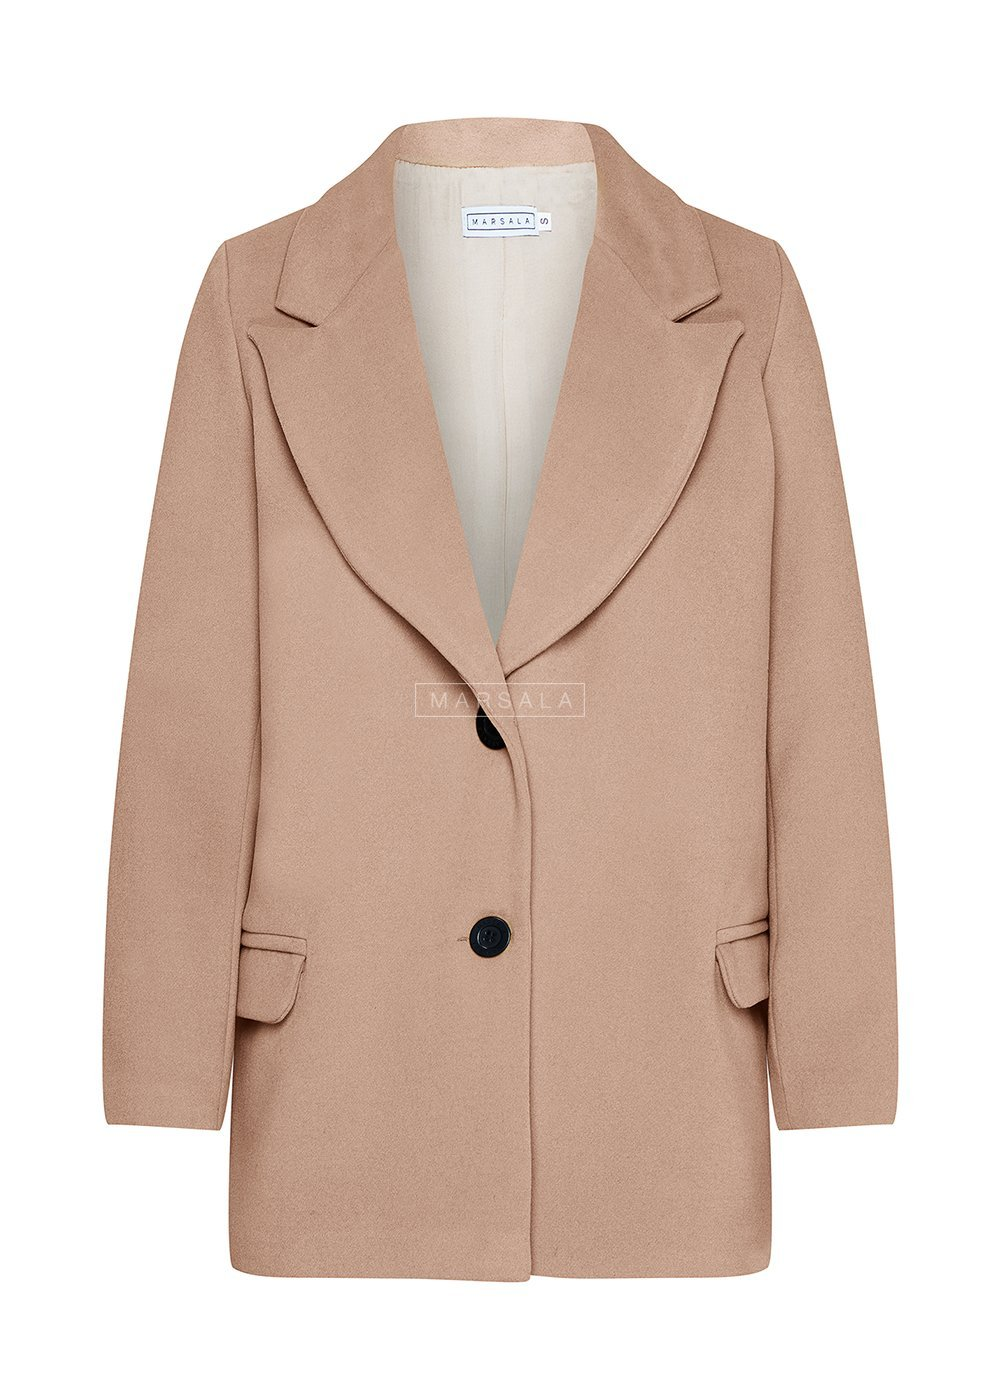 Krótki płaszcz jesienno - zimowy w kolorze beżowym - DIVISION BY MARSALA